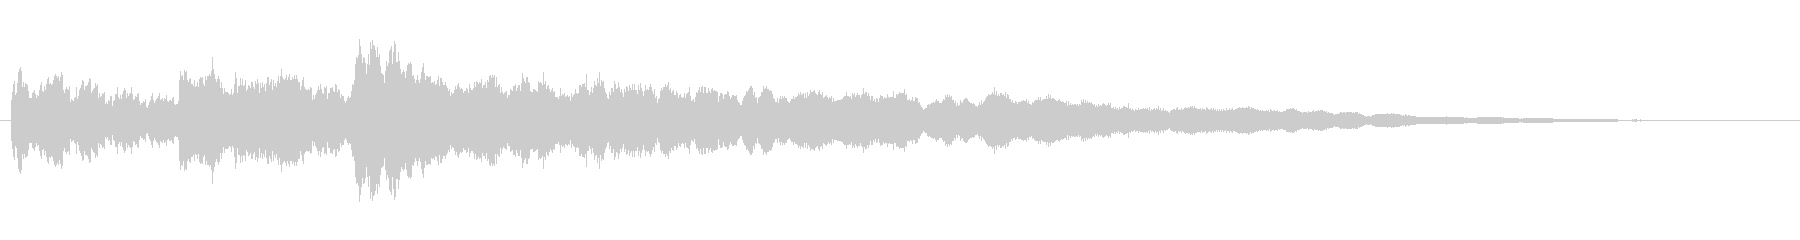 水と氷がテーマのアイキャッチ音の未再生の波形